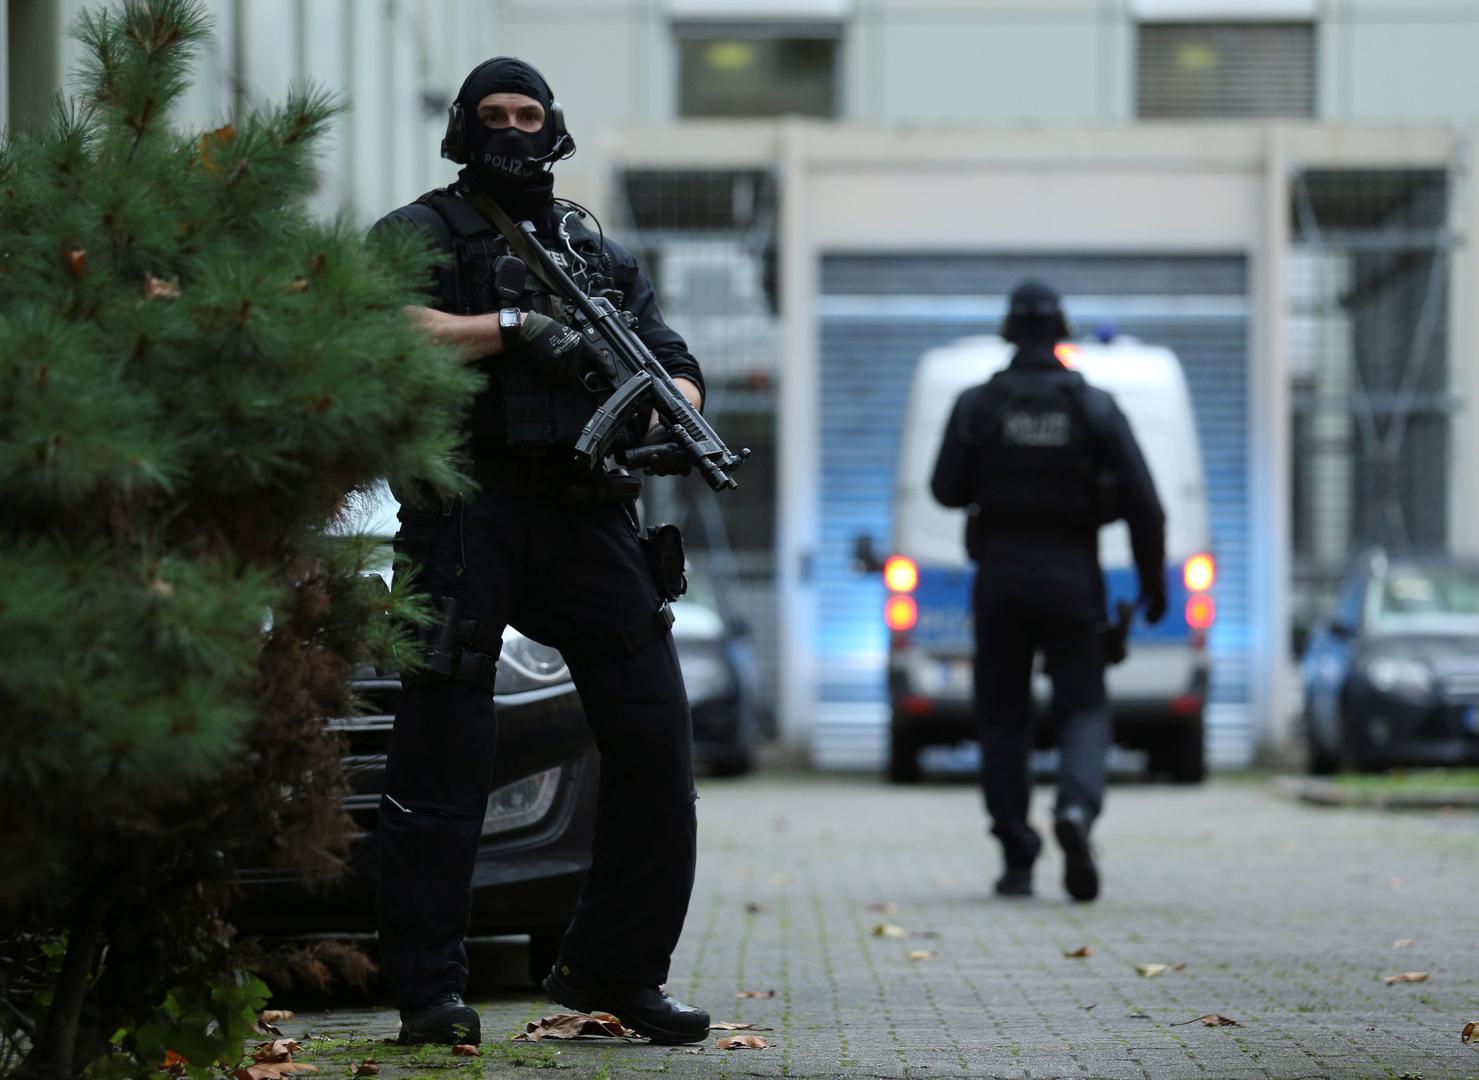 ارتفاع عدد قتلى الهجوم على مقهيين جنوب غربي ألمانيا إلى 9 أشخاص وتحديد هوية المنفذ